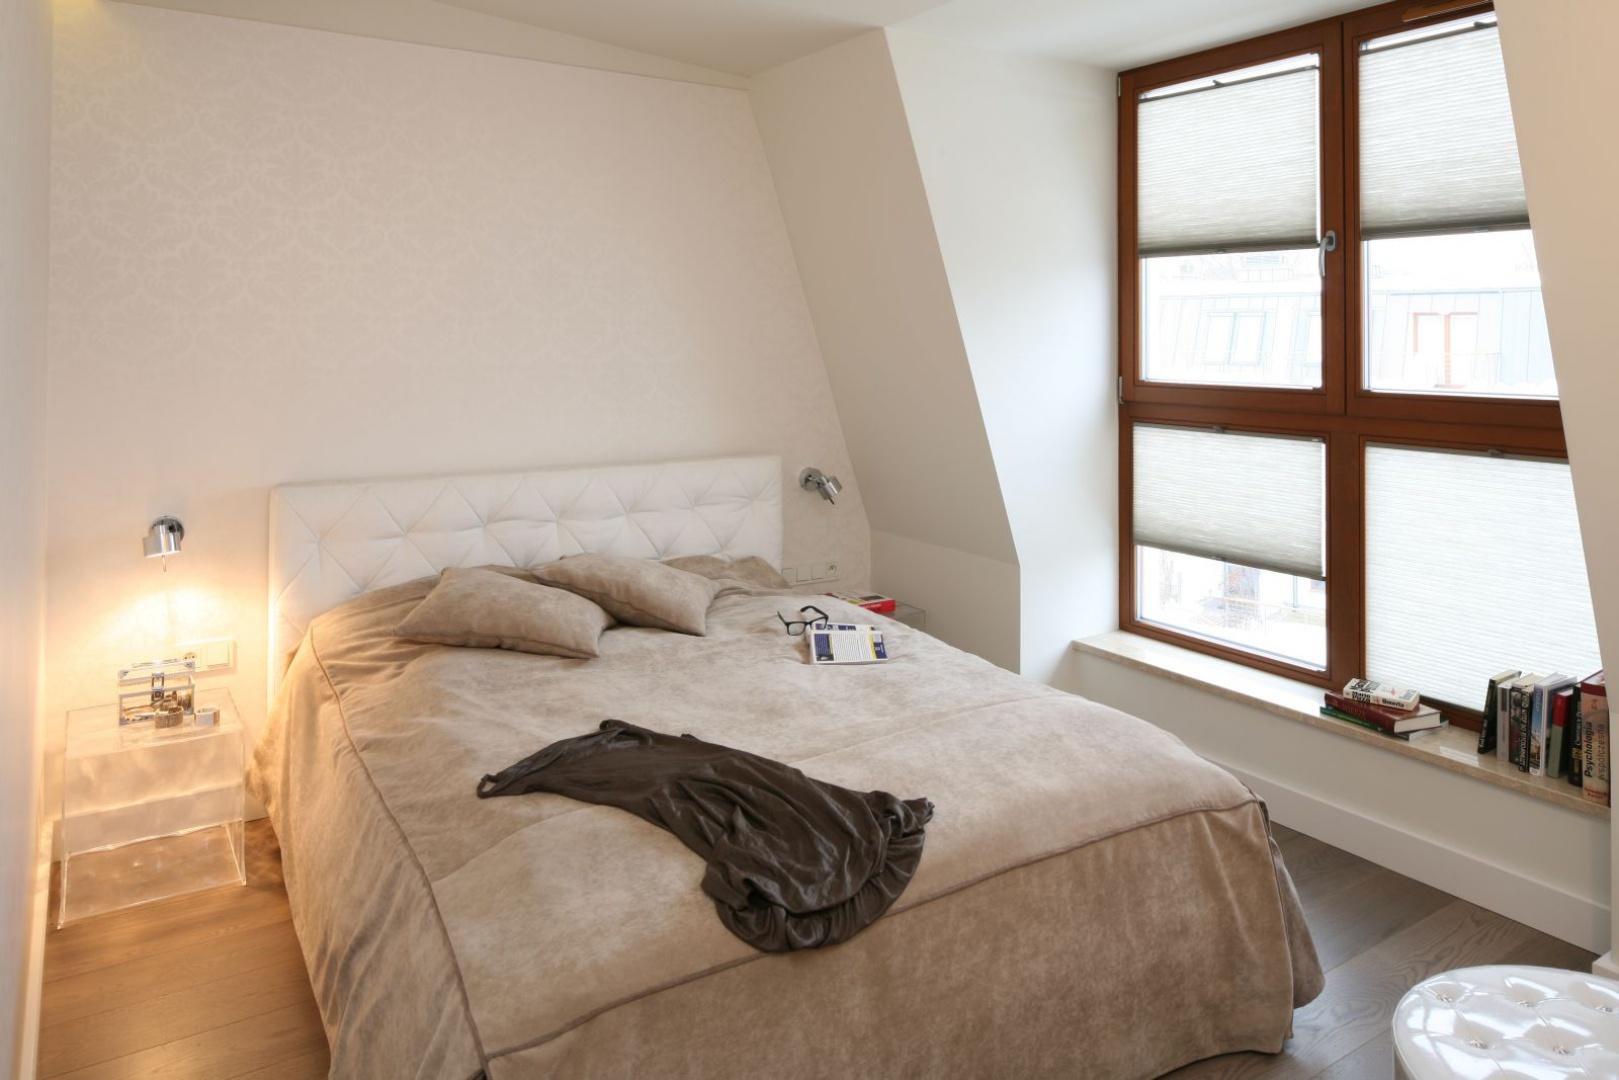 Beżowa narzuta na łóżko to, oprócz drewnianej podłogi, element wystroju, który nadaje wnętrzu spokojny wygląd sprzyjający wypoczynkowy. W tworzeniu kameralnego nastroju pomagają przyciemniane rolety okienne. Projekt: Małgorzata Borzyszkowska. Fot. Bartosz Jarosz.